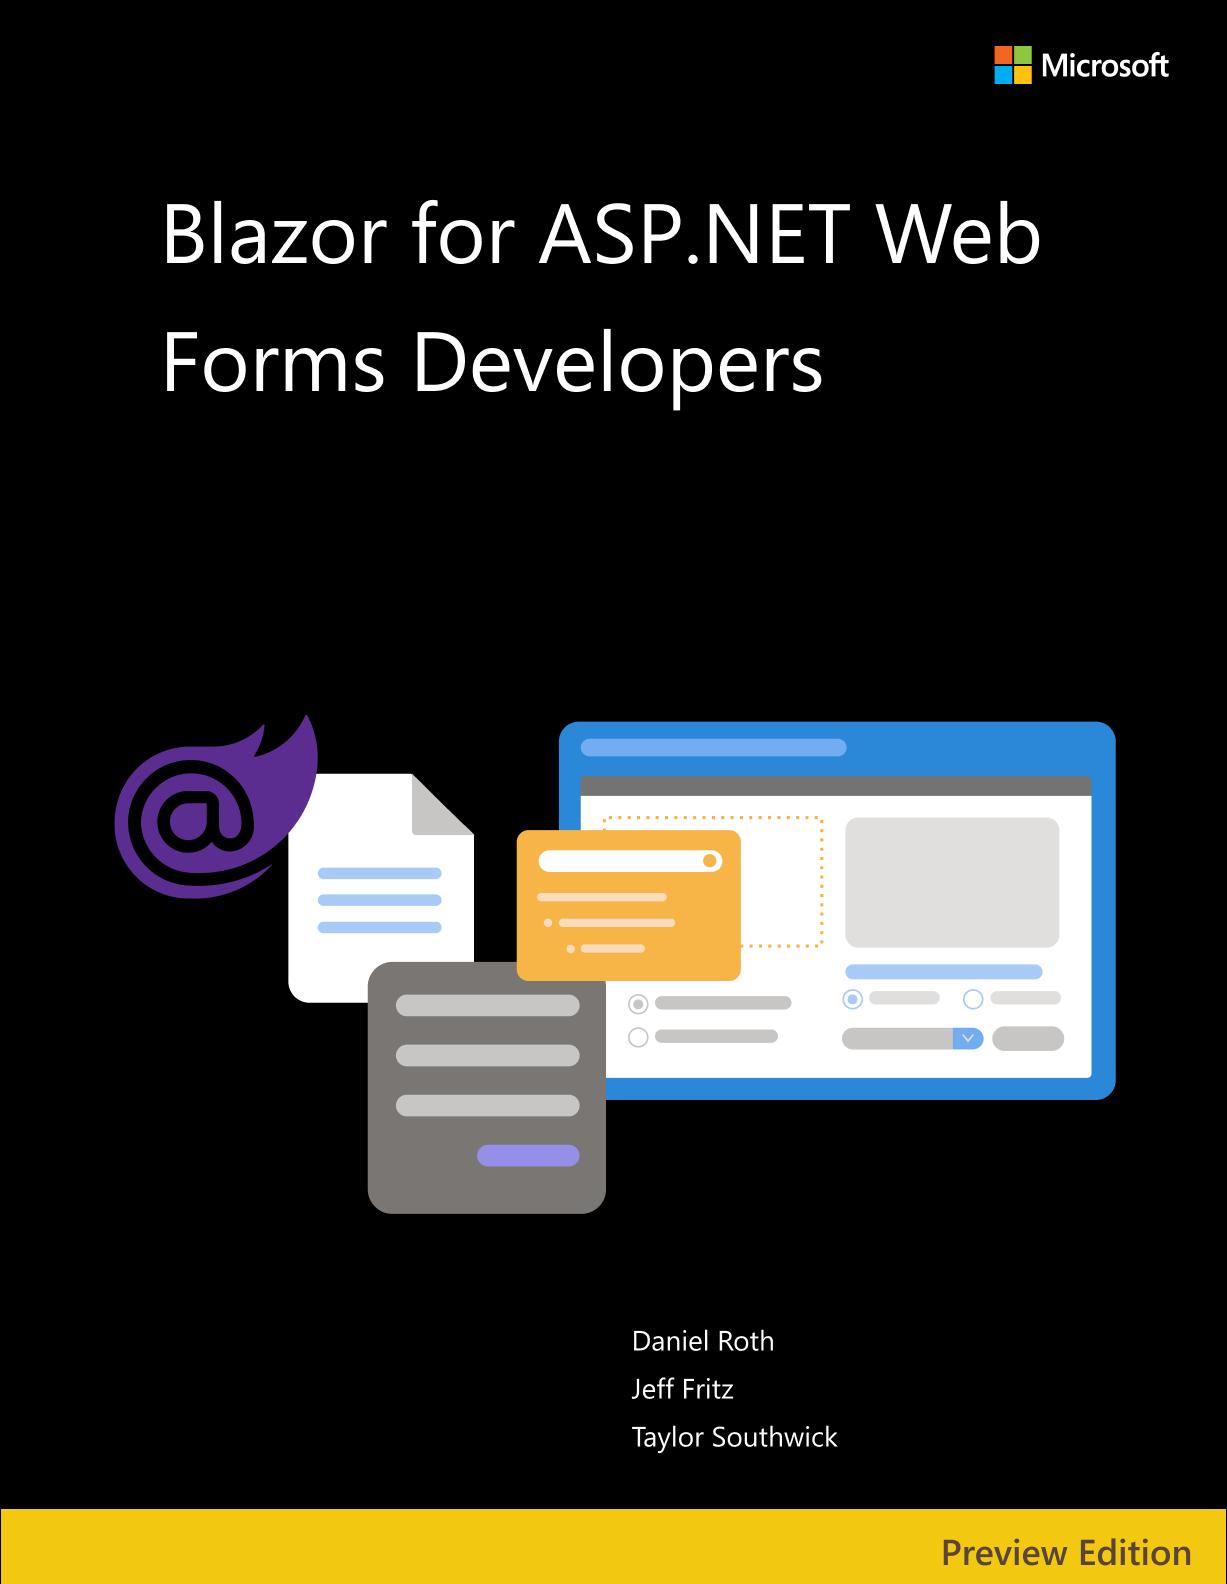 Бесплатная электронная книга на русском Blazor для разработчиков ASP.NET Web Forms